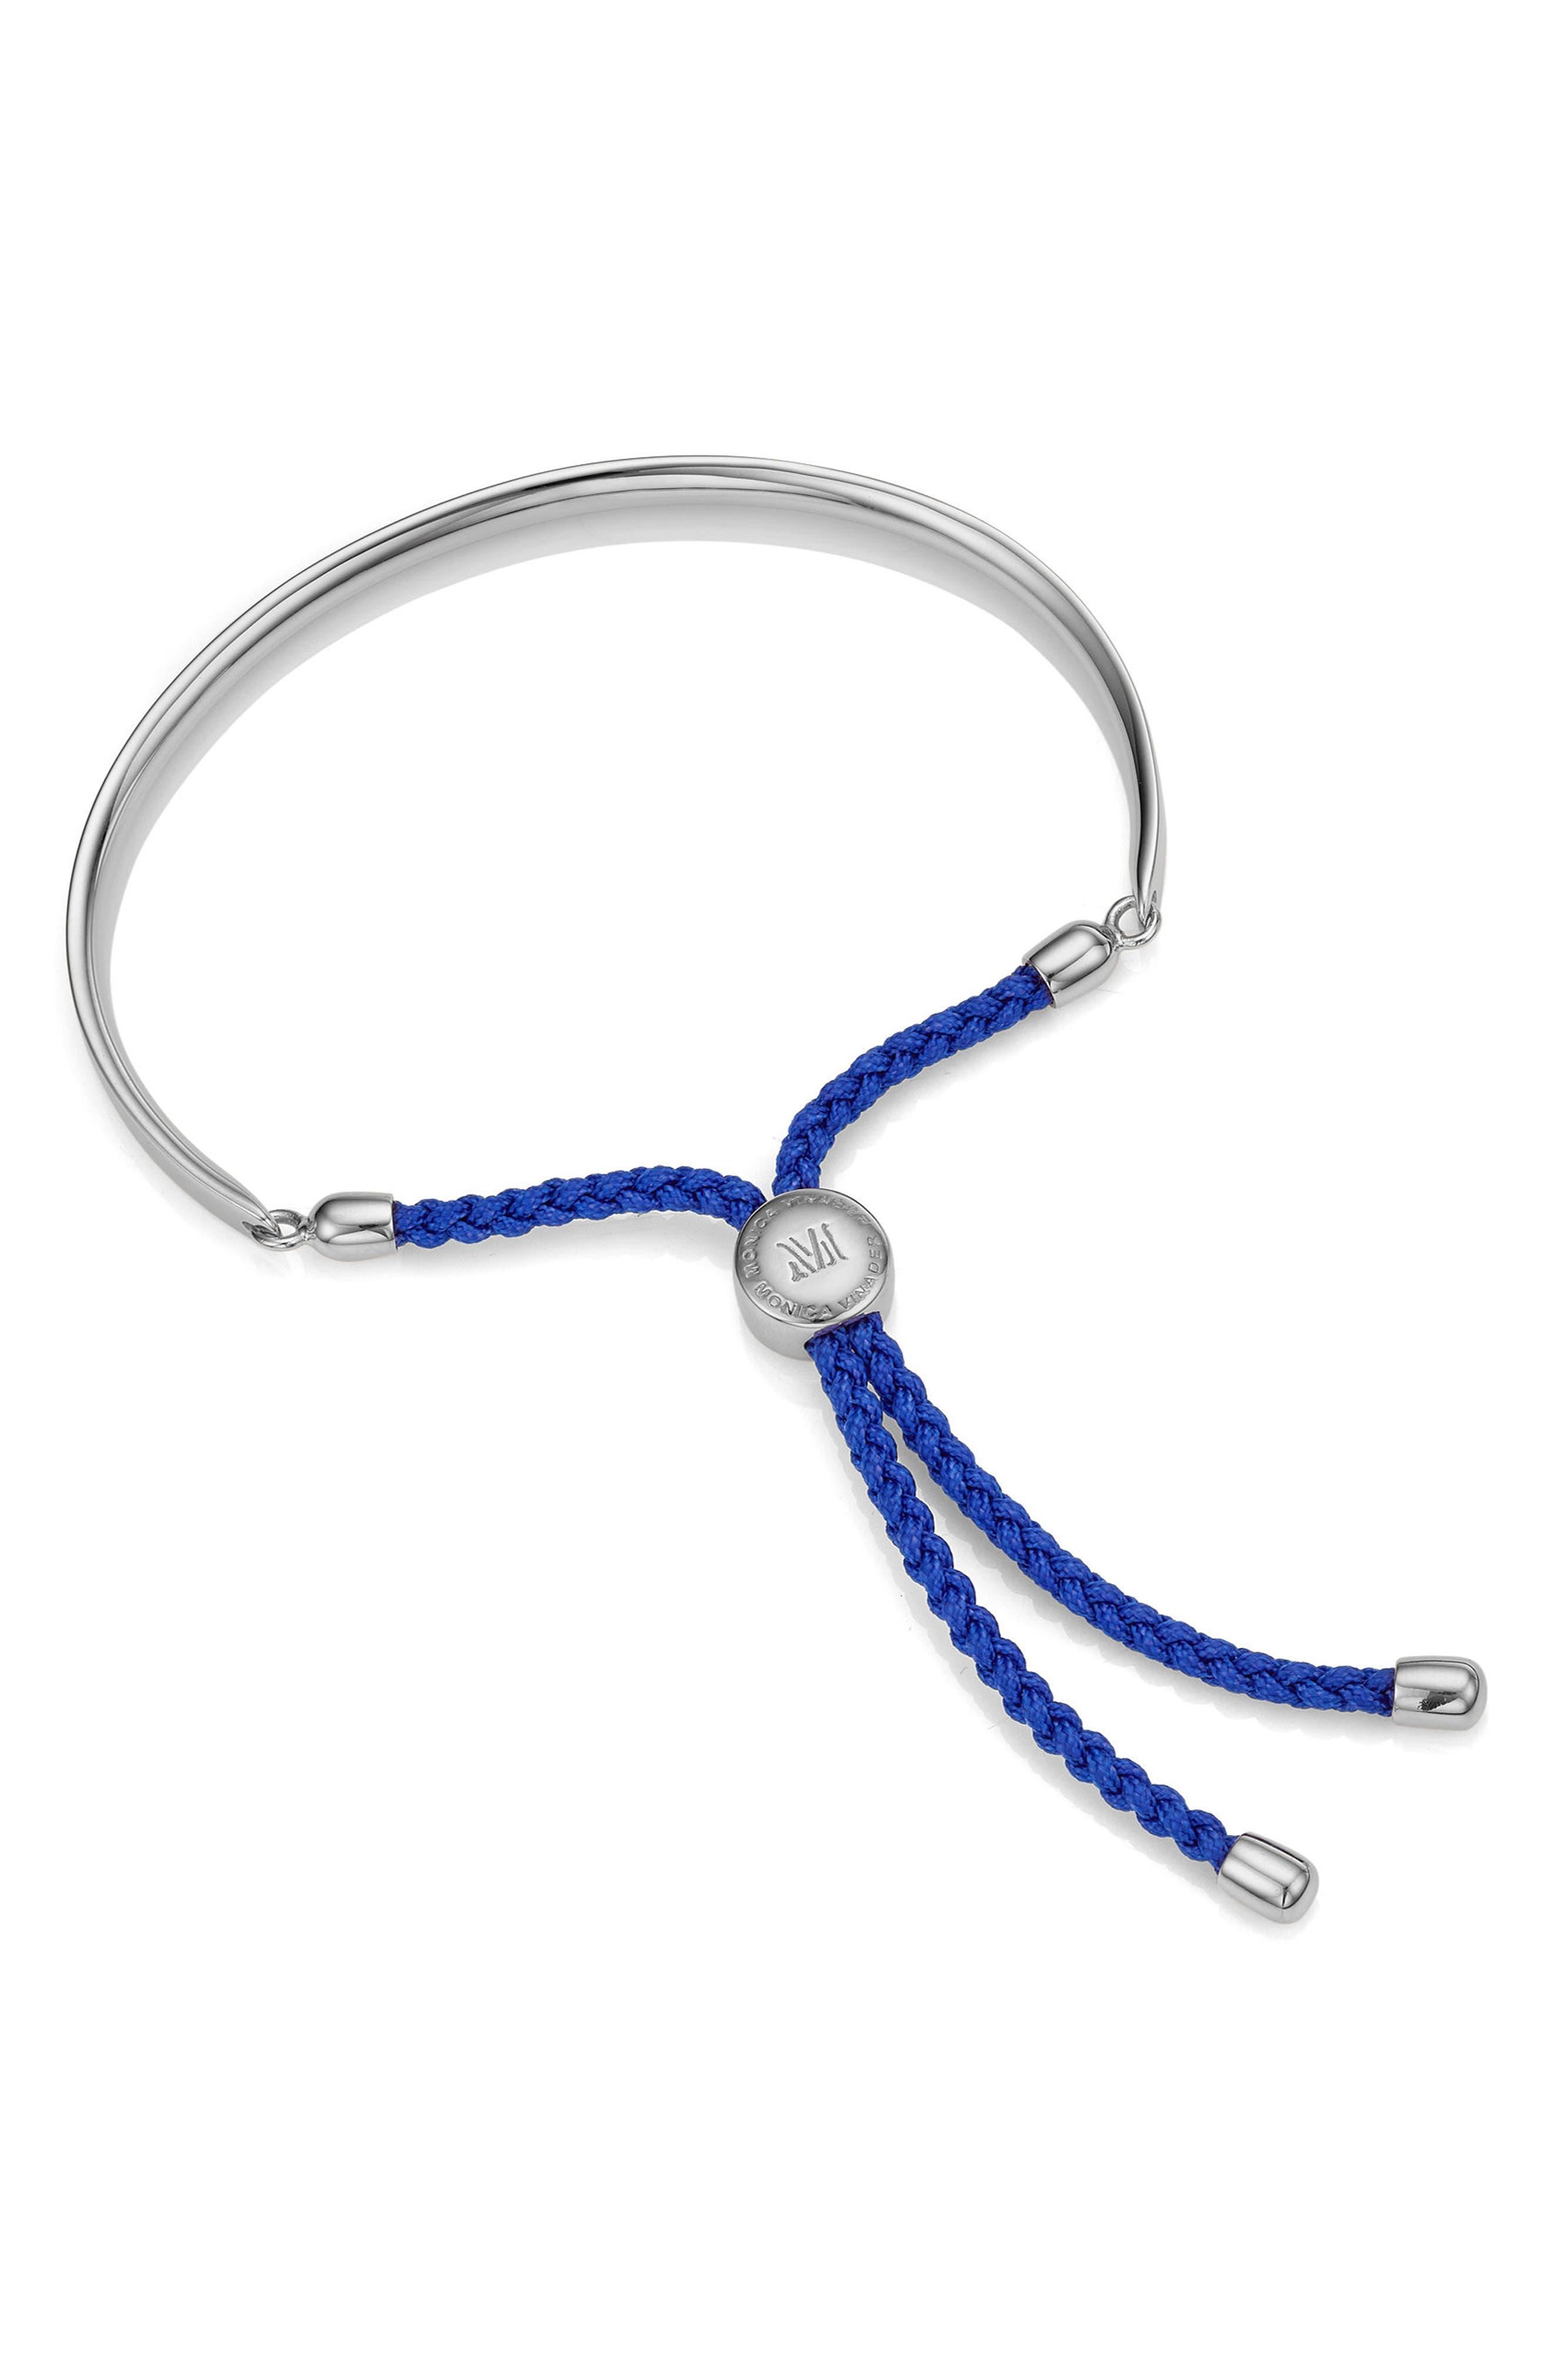 MONICA VINADER Engravable Petite Fiji Friendship Bracelet, Main, color, SILVER/ MAJORELLE BLUE